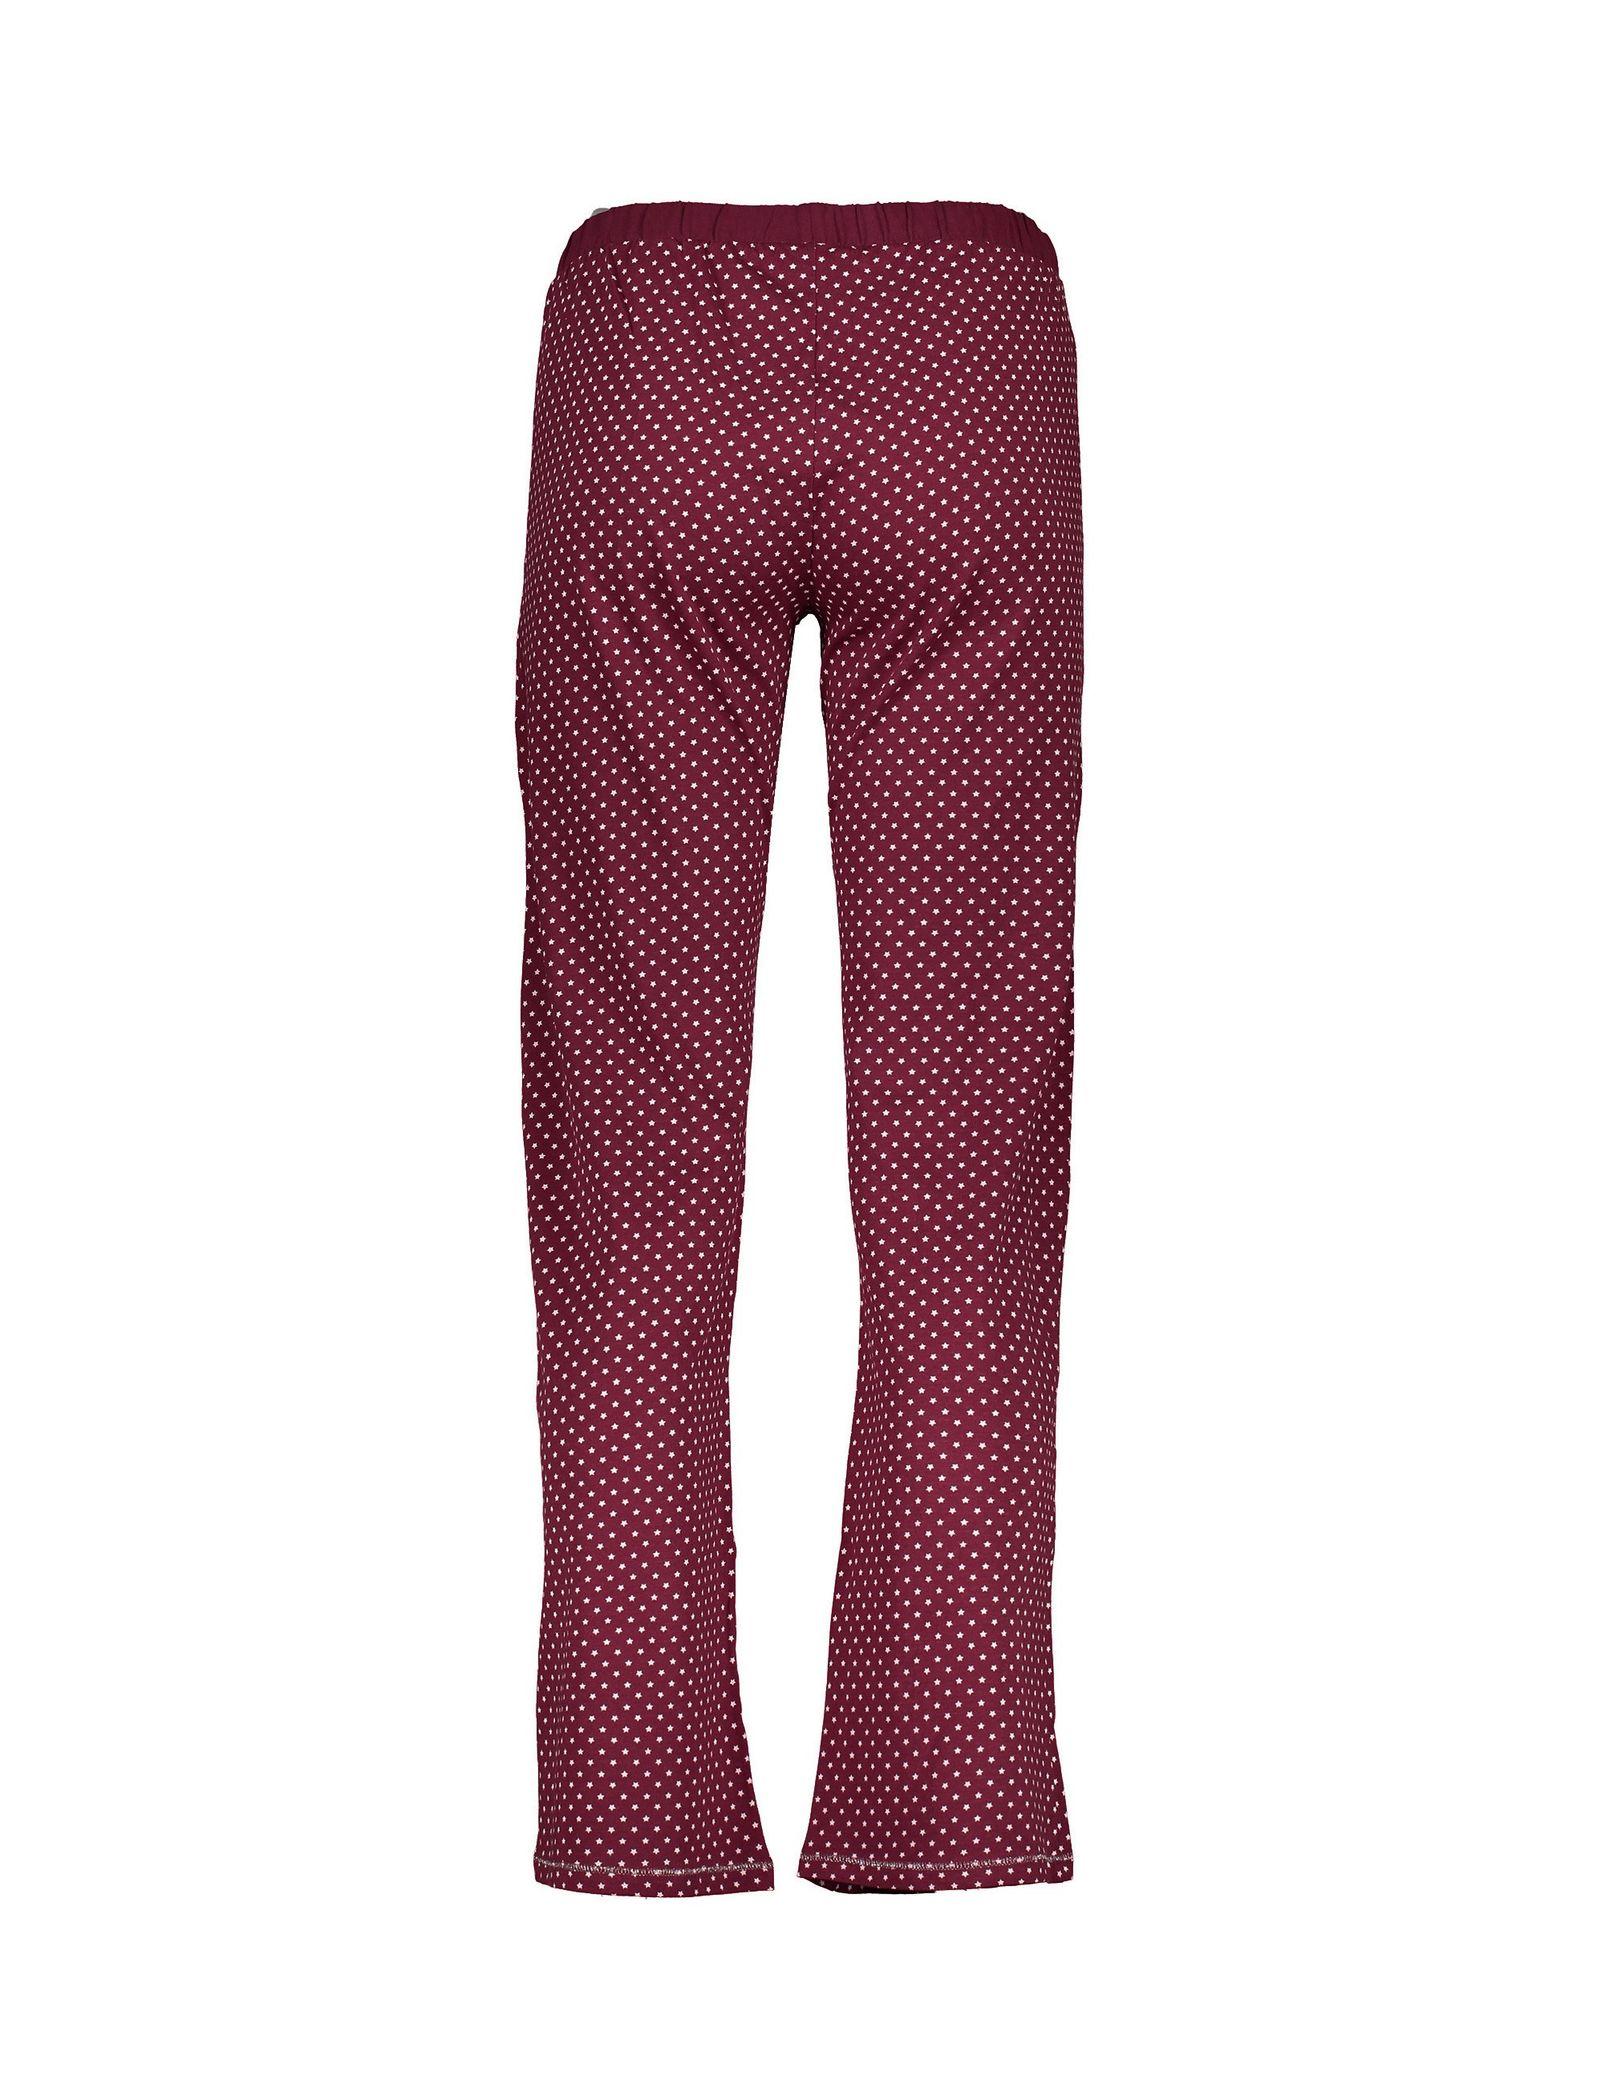 تی شرت و شلوار راحتی نخی زنانه - لانژ اند اسلیپ - قرمز - 7